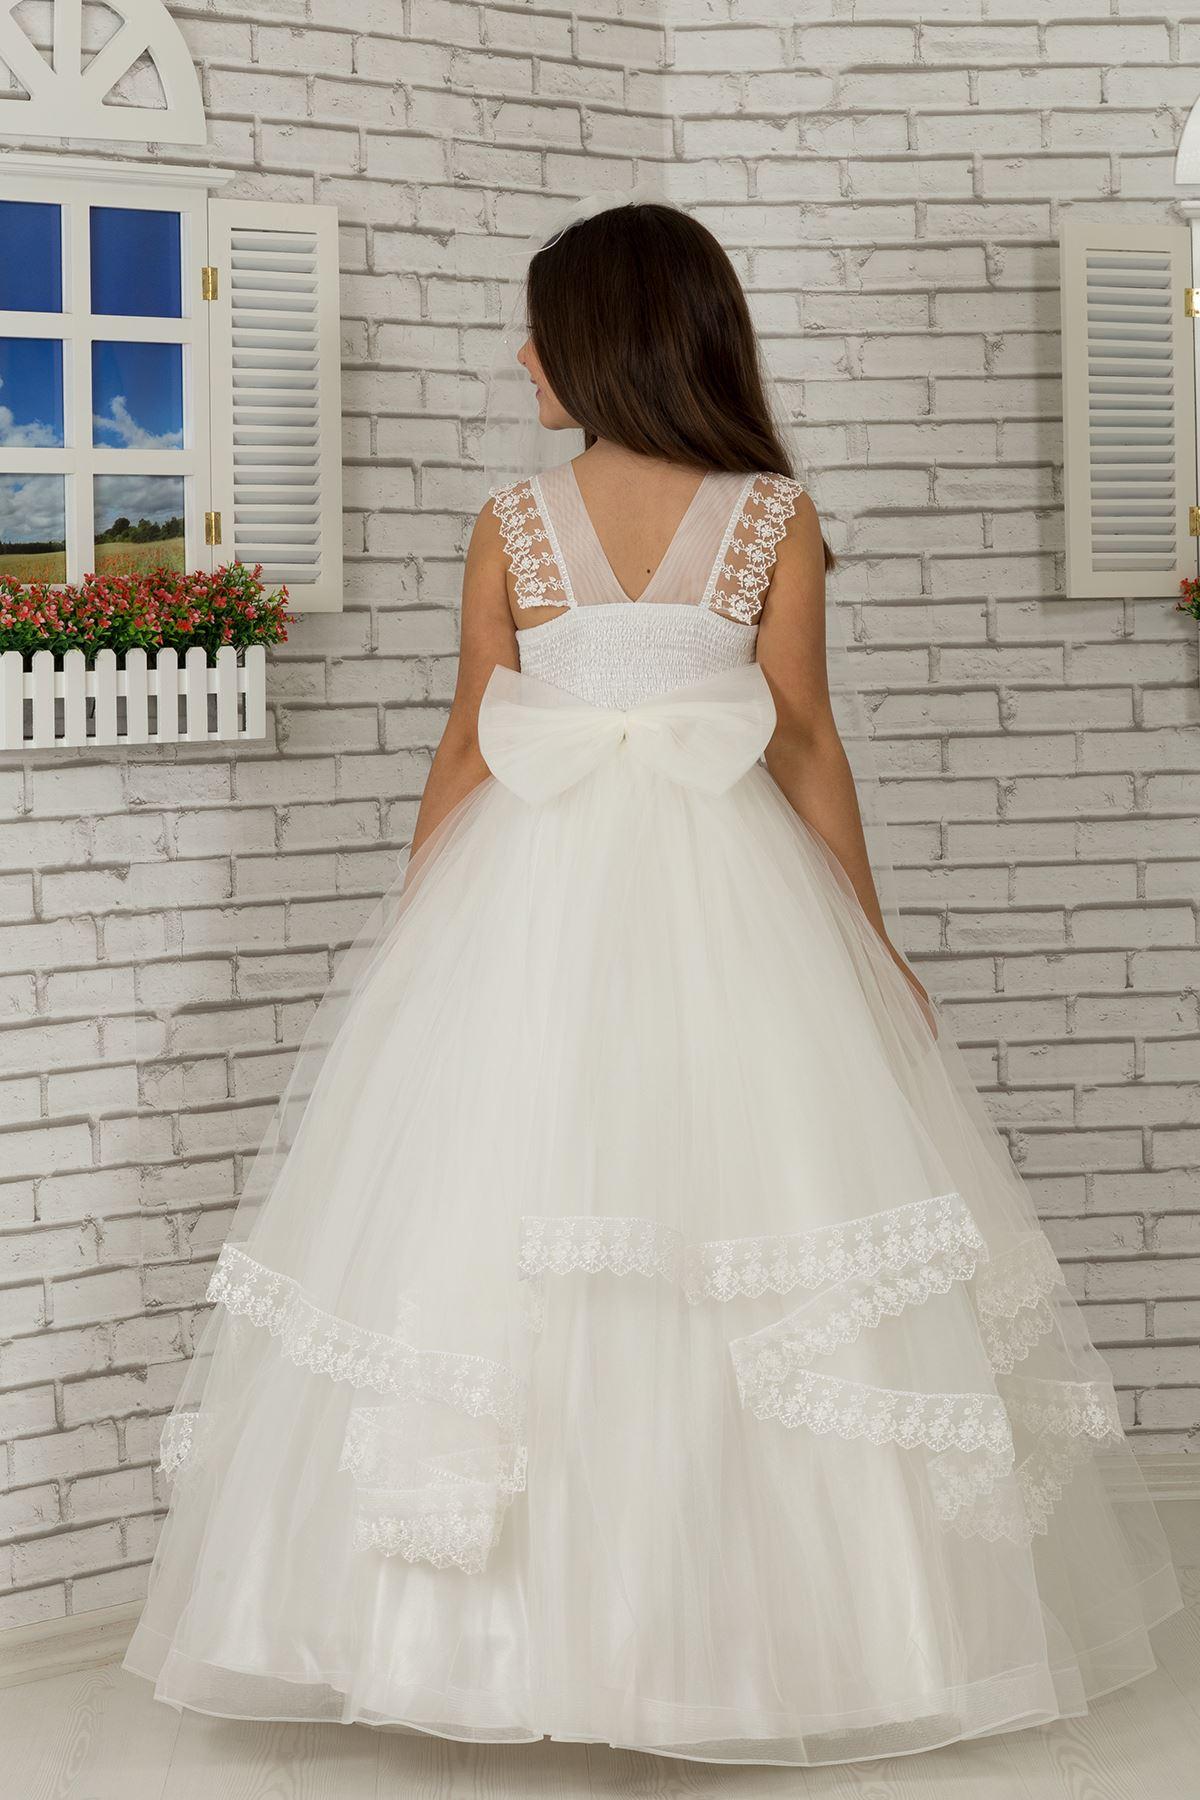 Robe de soirée pour fille moelleuse avec détail D'épaule, brodée, Tulle 601 crème